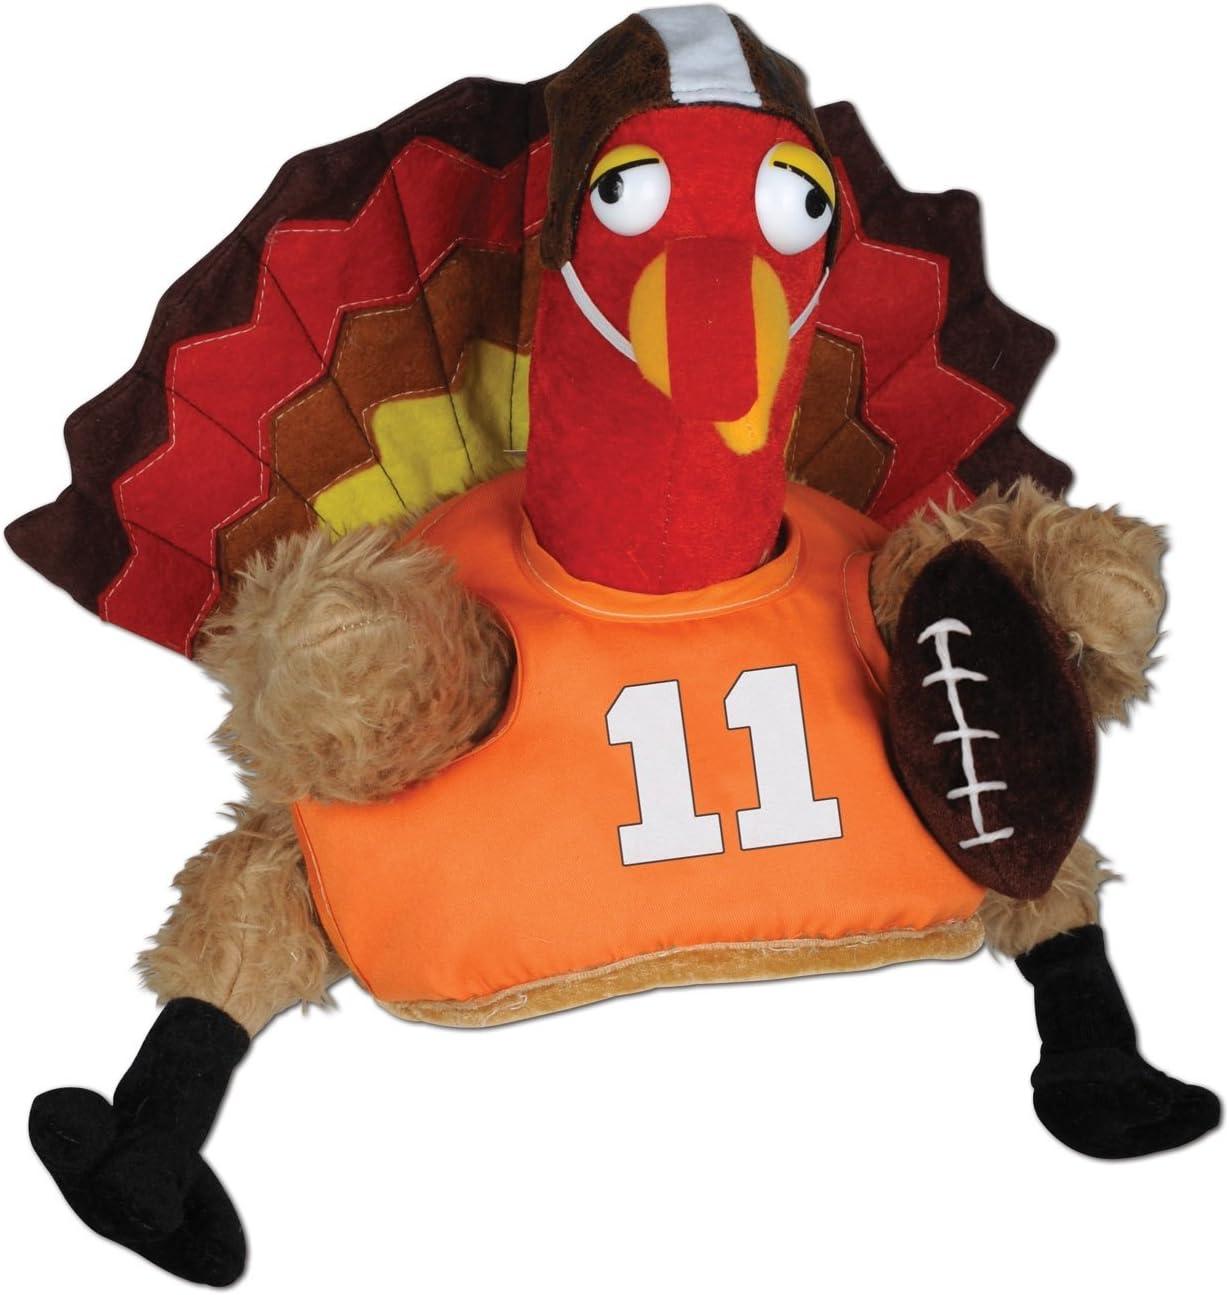 Beistle 1-Pack Decorative Plush Touchdown Turkey Hat, 1 piece